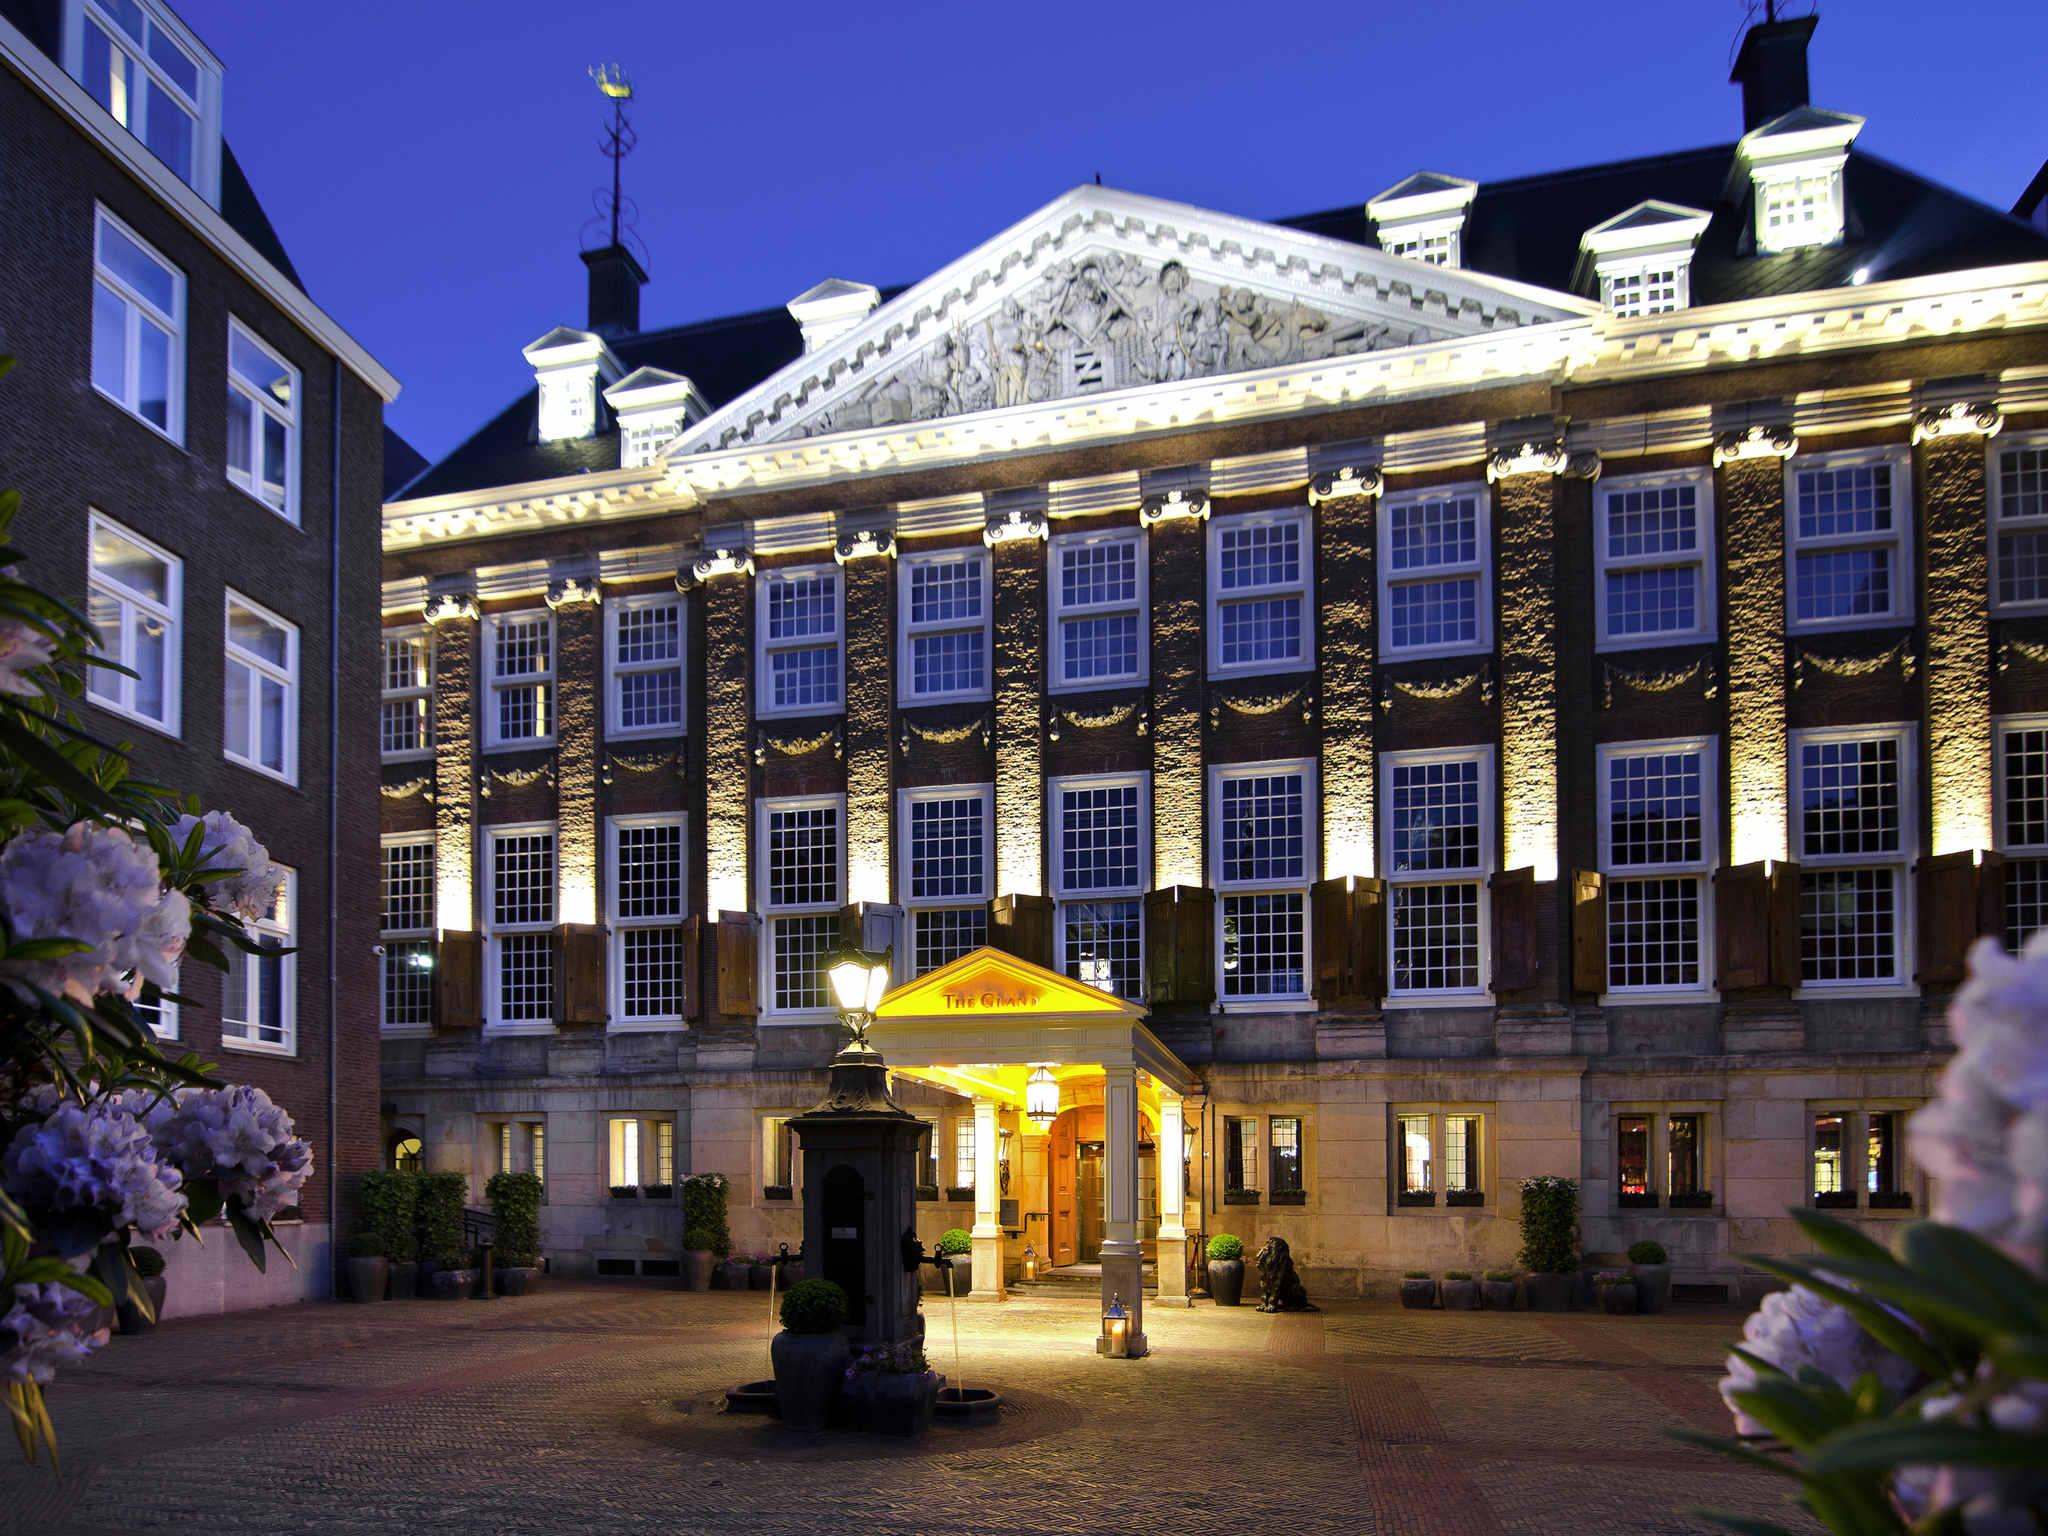 호텔 – 커낼 하우스 - 소피텔 레전드 더 그랜드 암스테르담